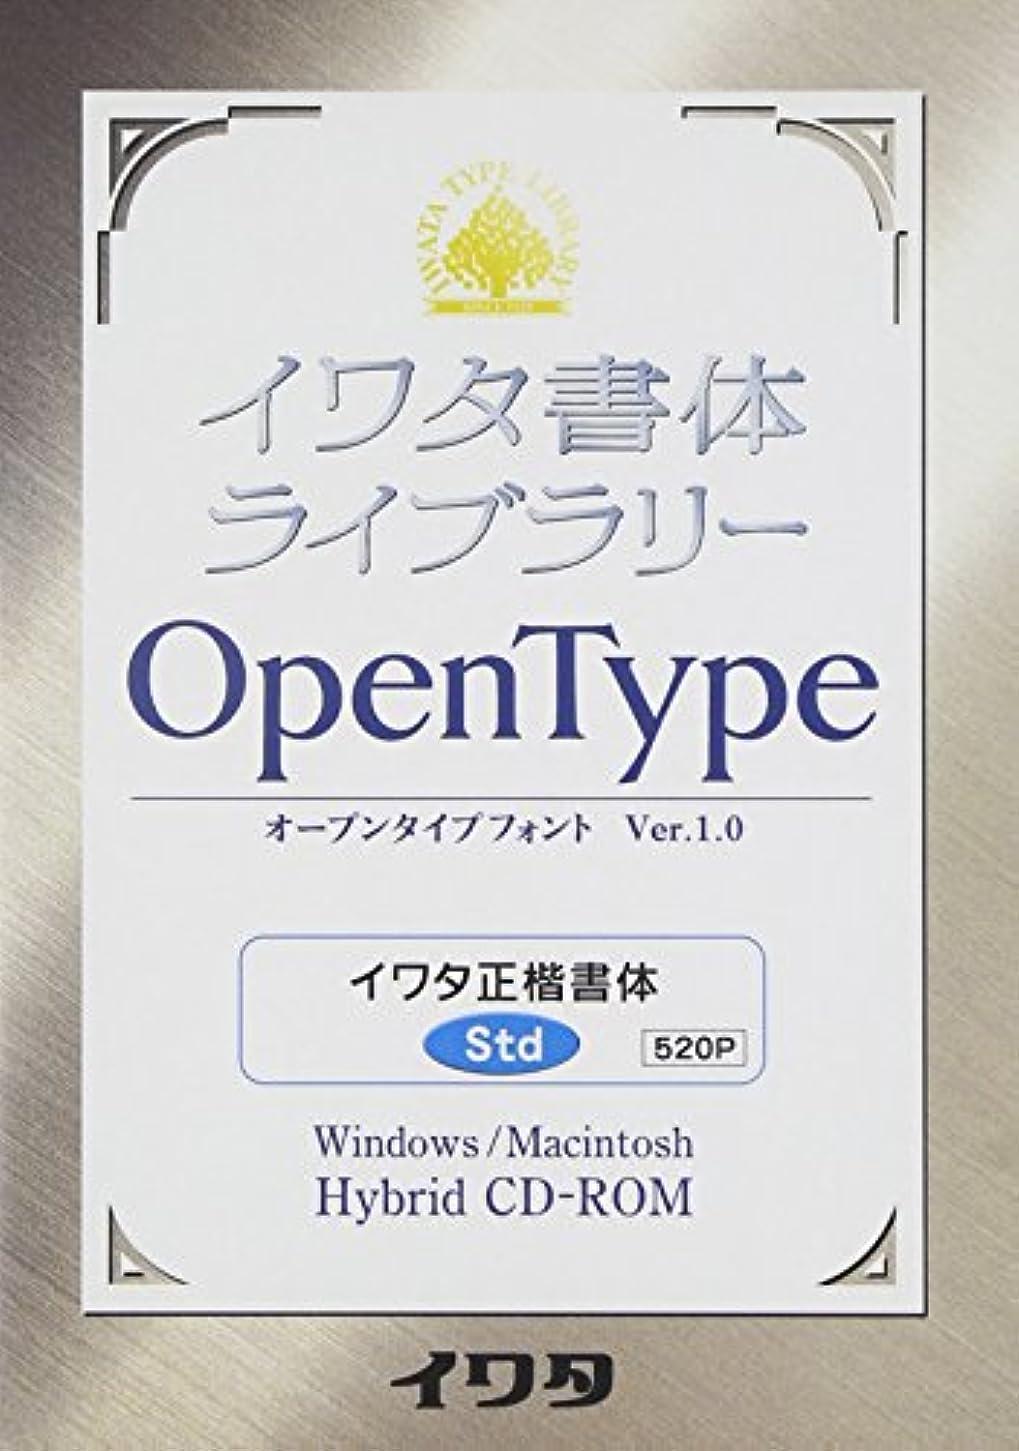 イワタ書体ライブラリーOpenType(Std版) イワタ正楷書体